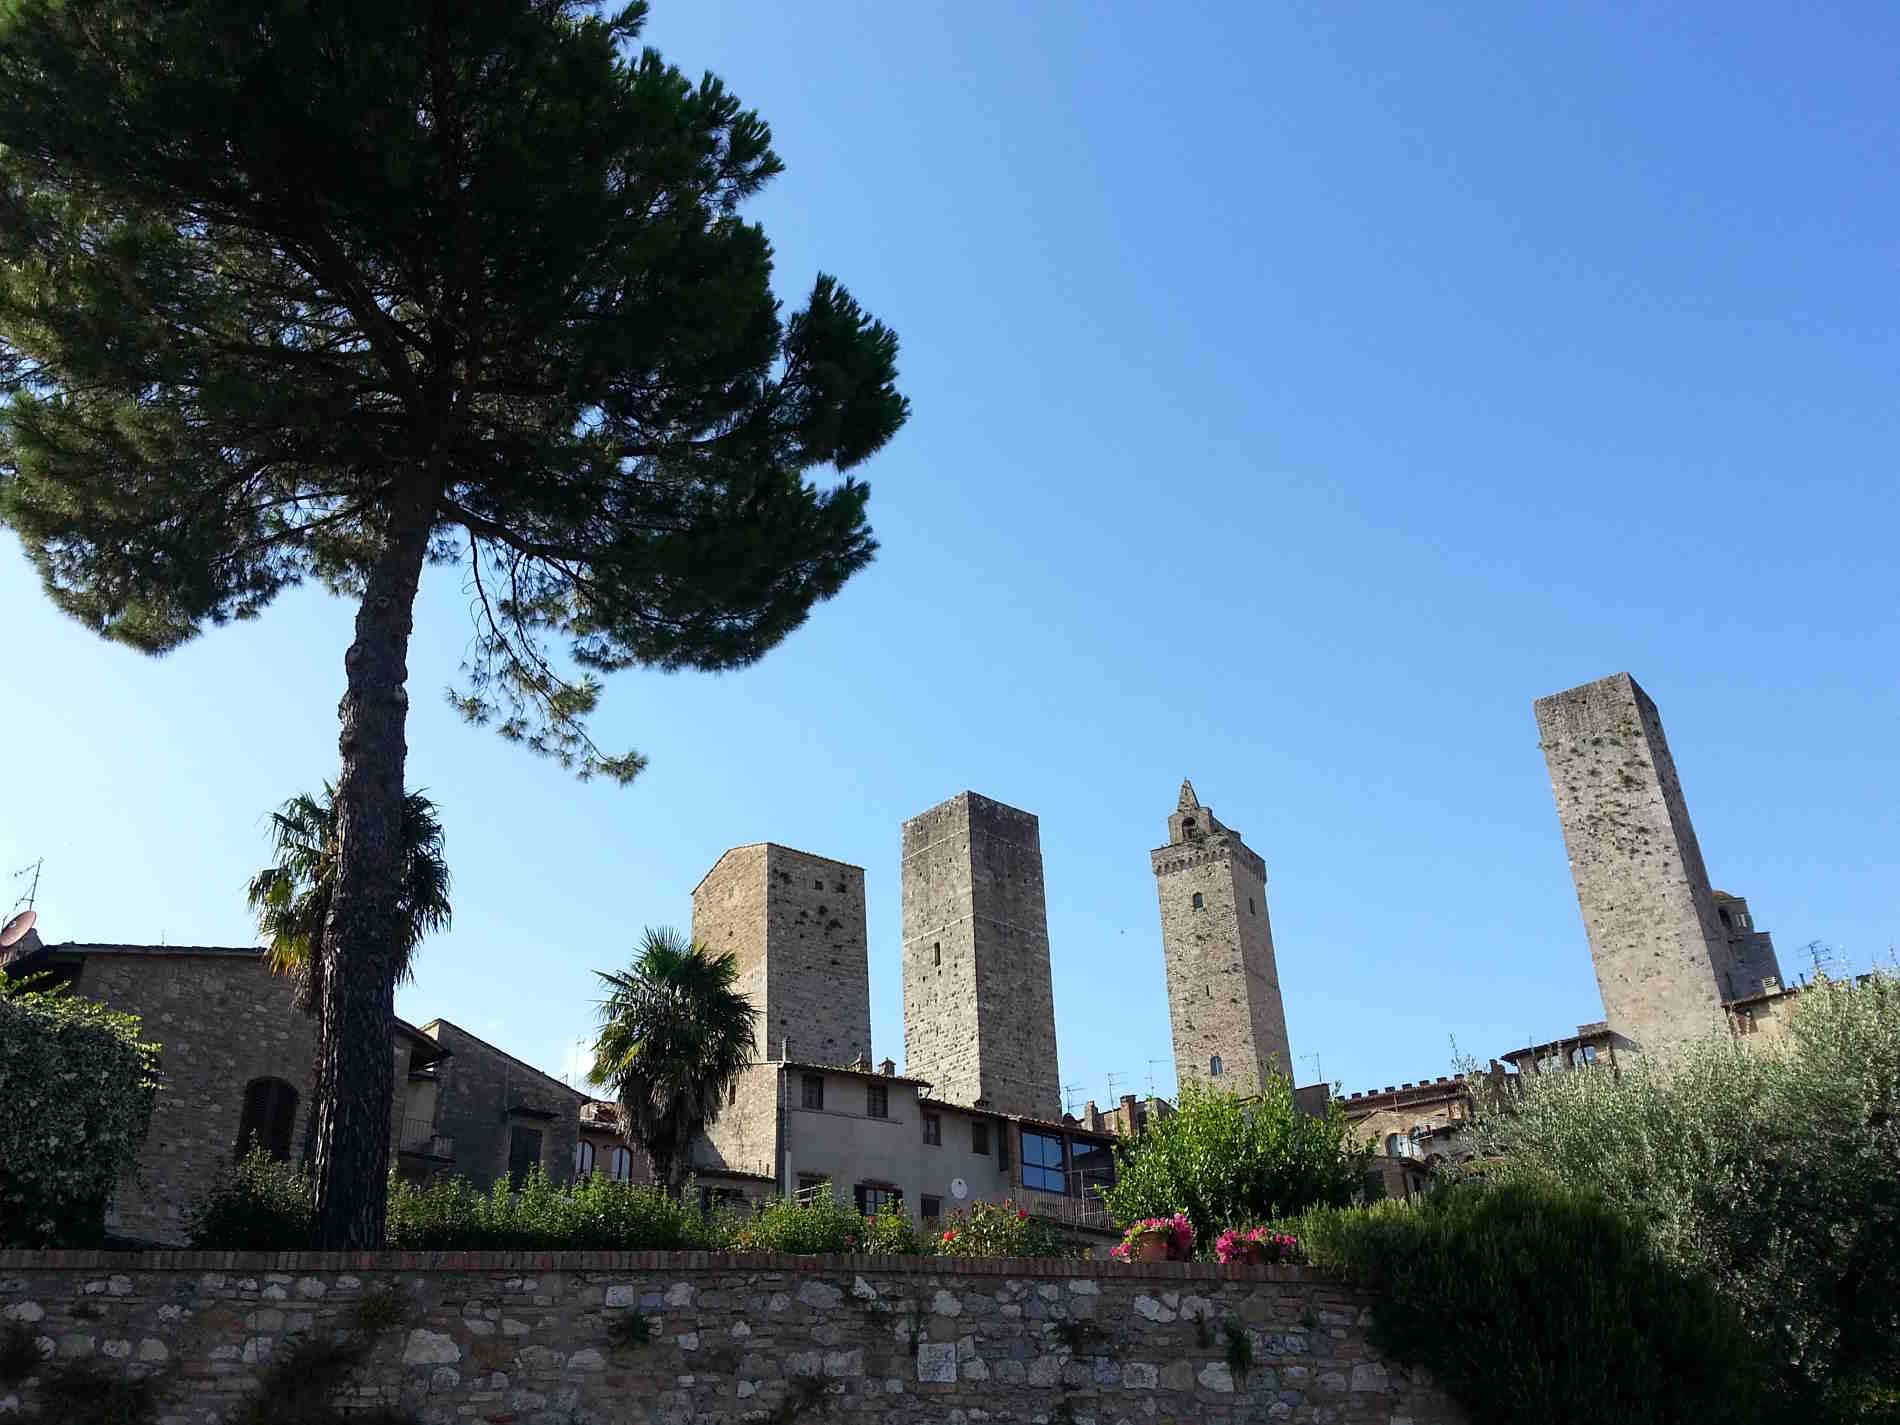 Passeggiata lungo le Mure di cinta di San Gimignano